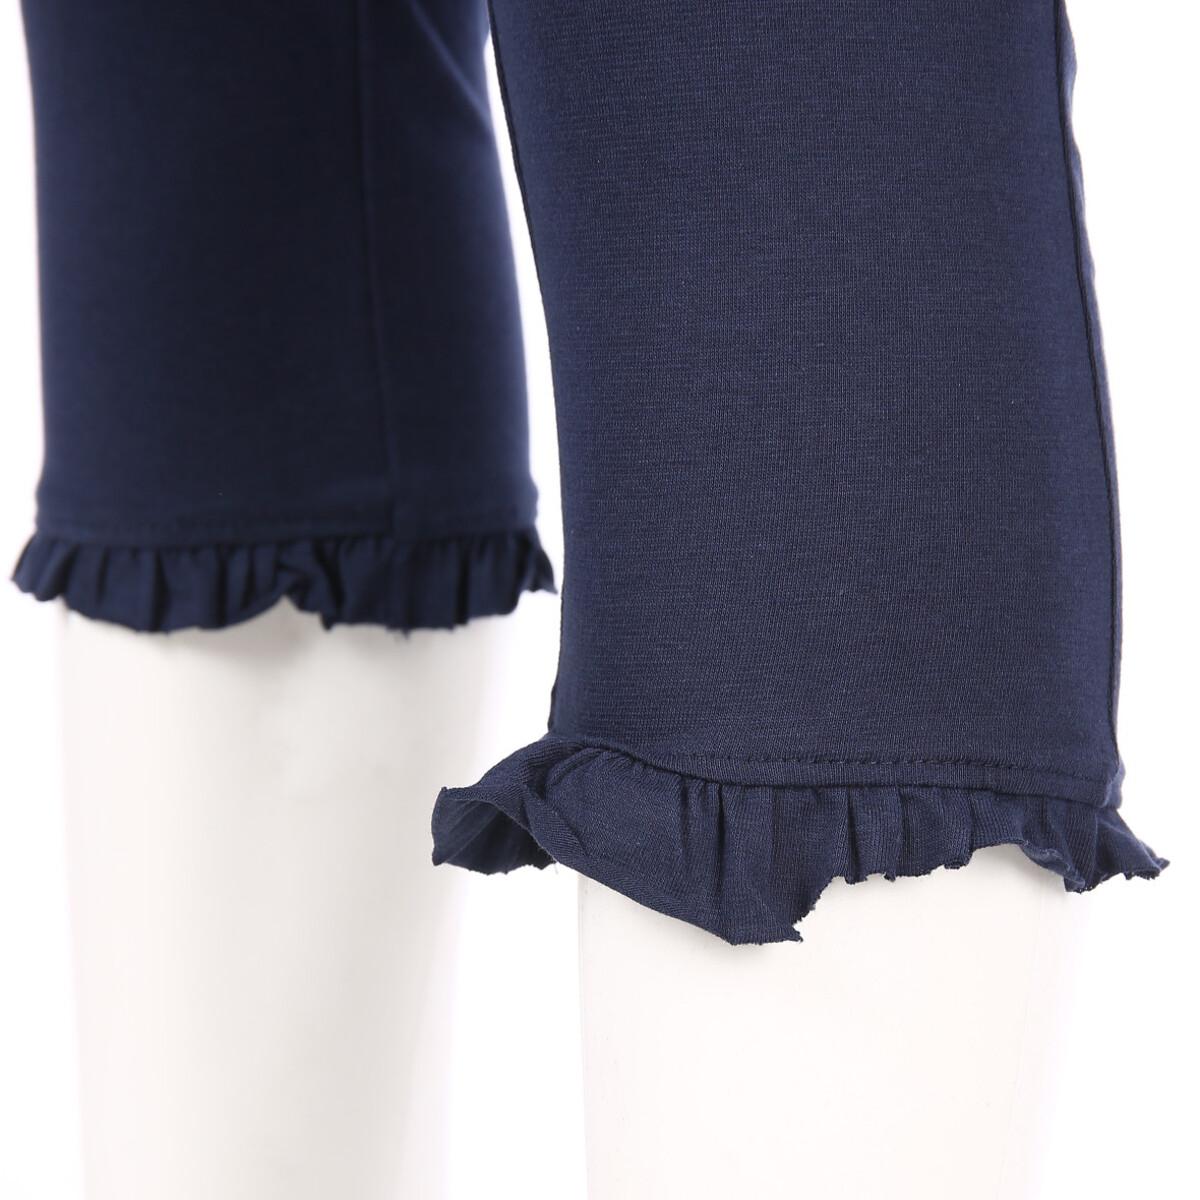 Bild 3 von Damen Capri Leggings mit Rüschenabschluss